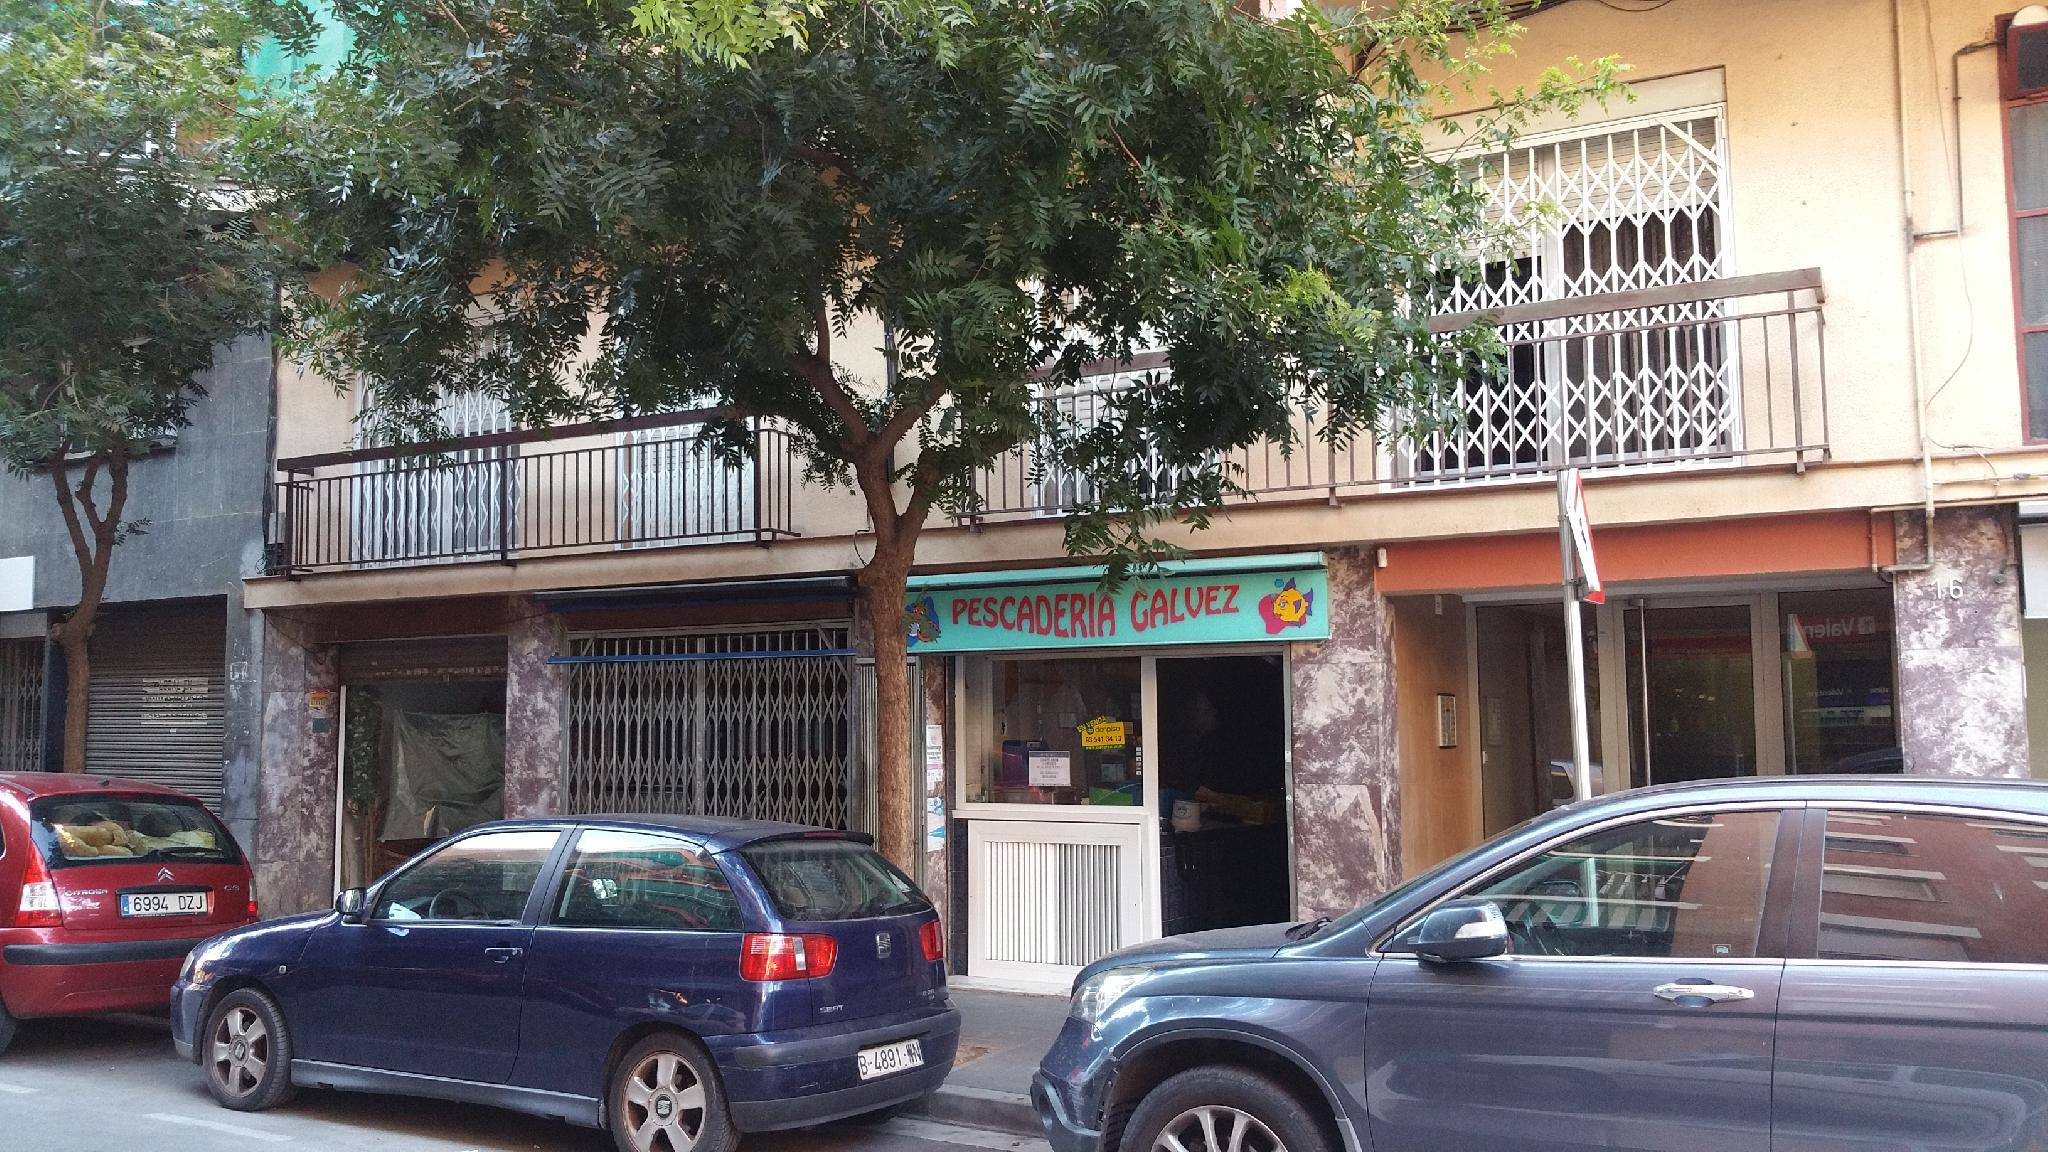 160827 - Local comercial en Castelldefels pueblo, centrico.